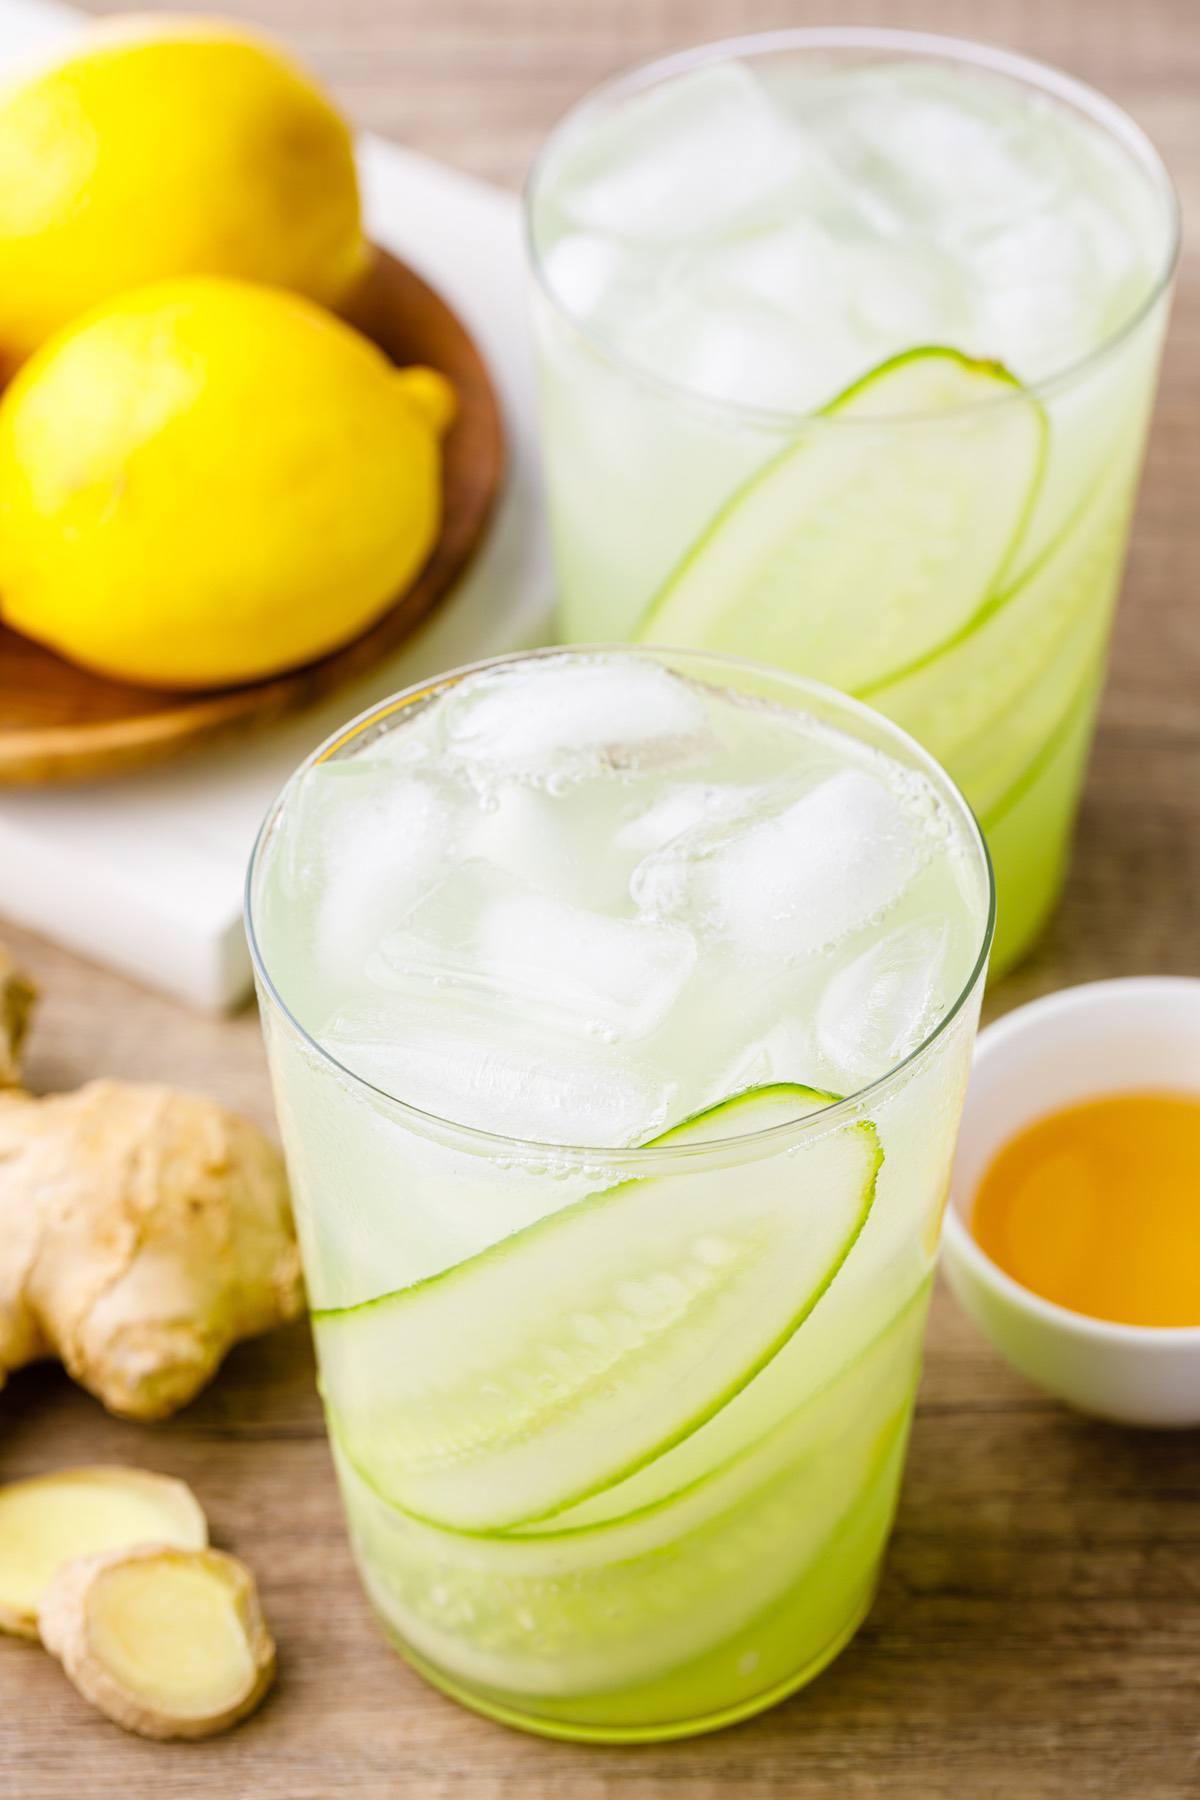 Ginger Cucumber Juice Lemonade